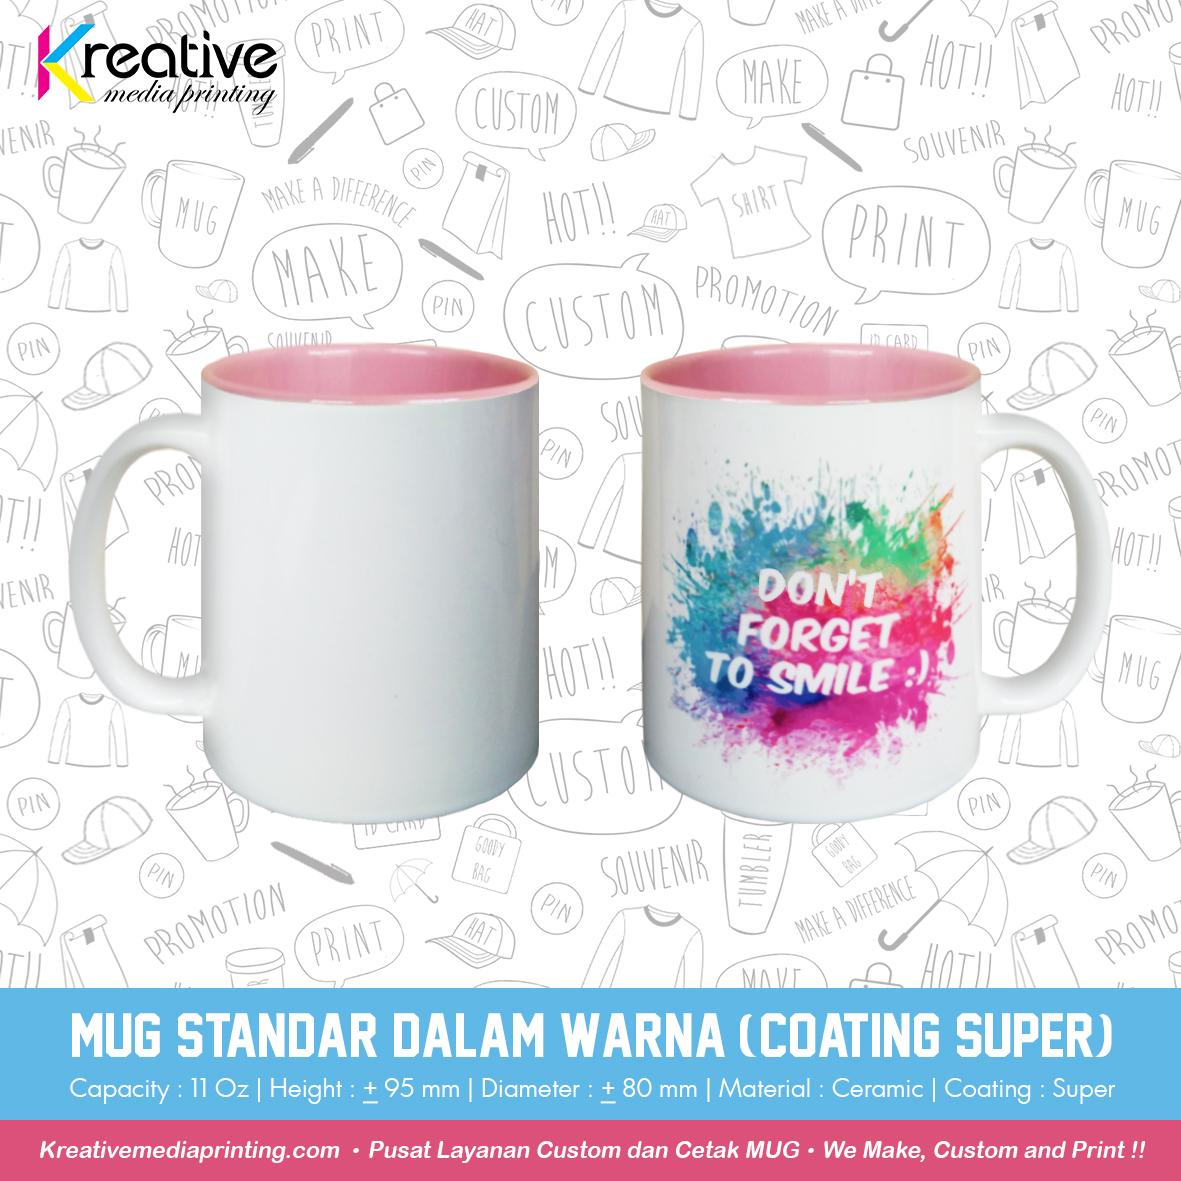 Mug Standar Dalam Warna (Coating Super) (1)